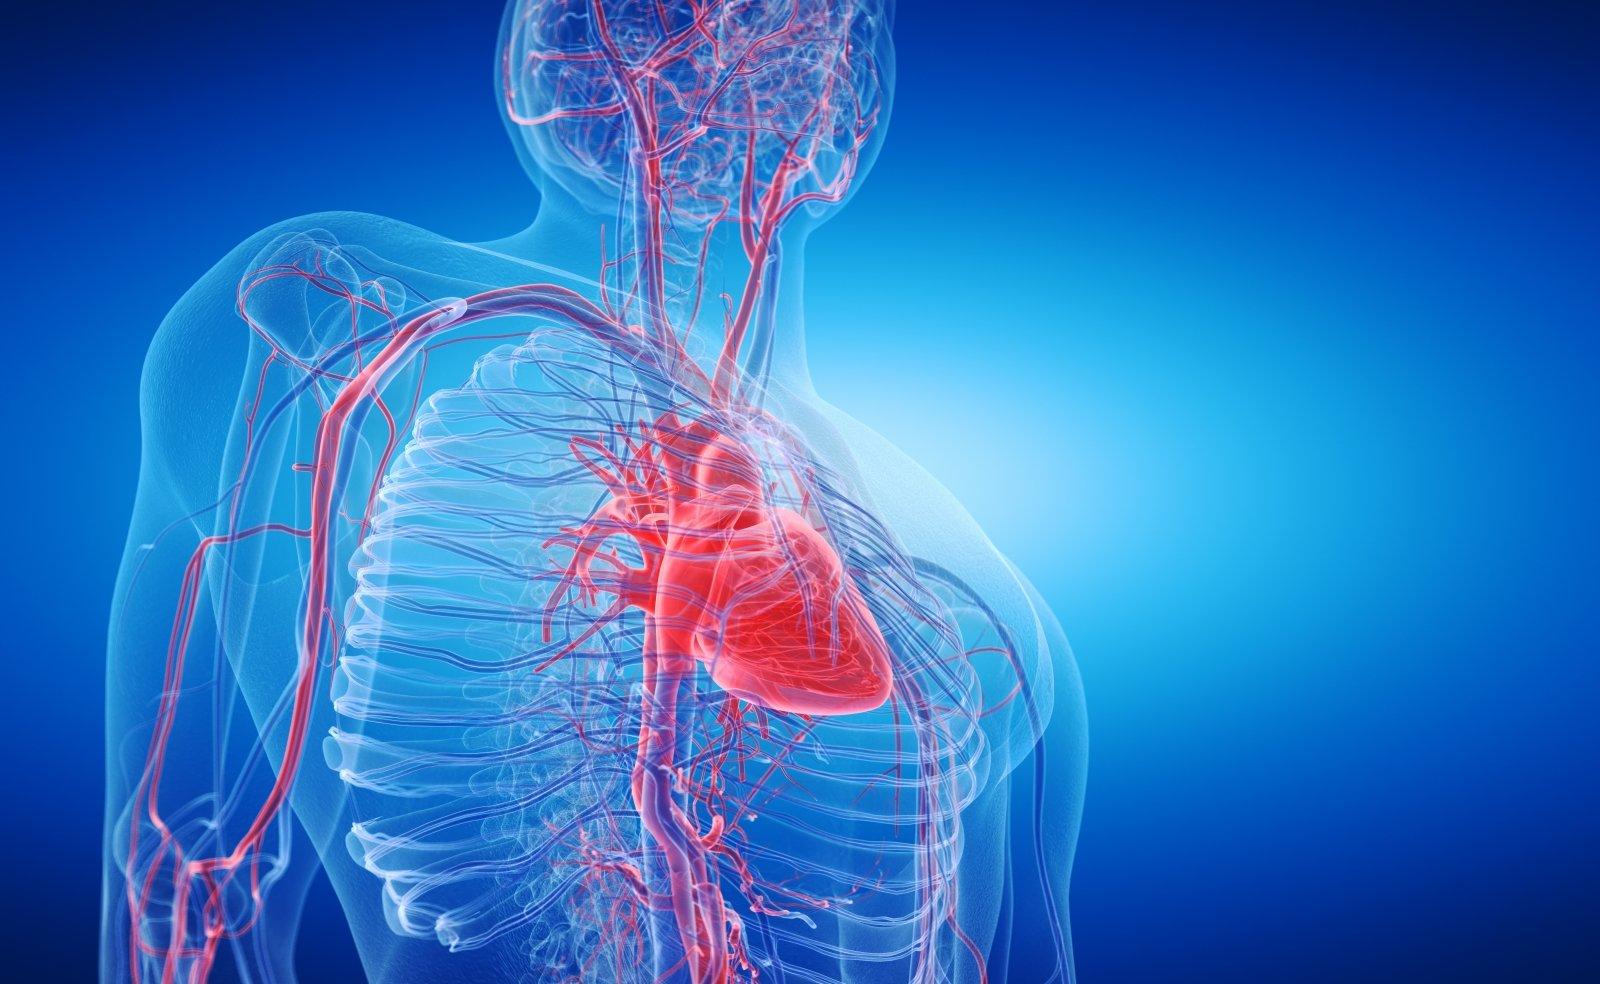 Apie širdies ligą praneša ir netikėti požymiai: kaip atpažinti laiku? | mul.lt